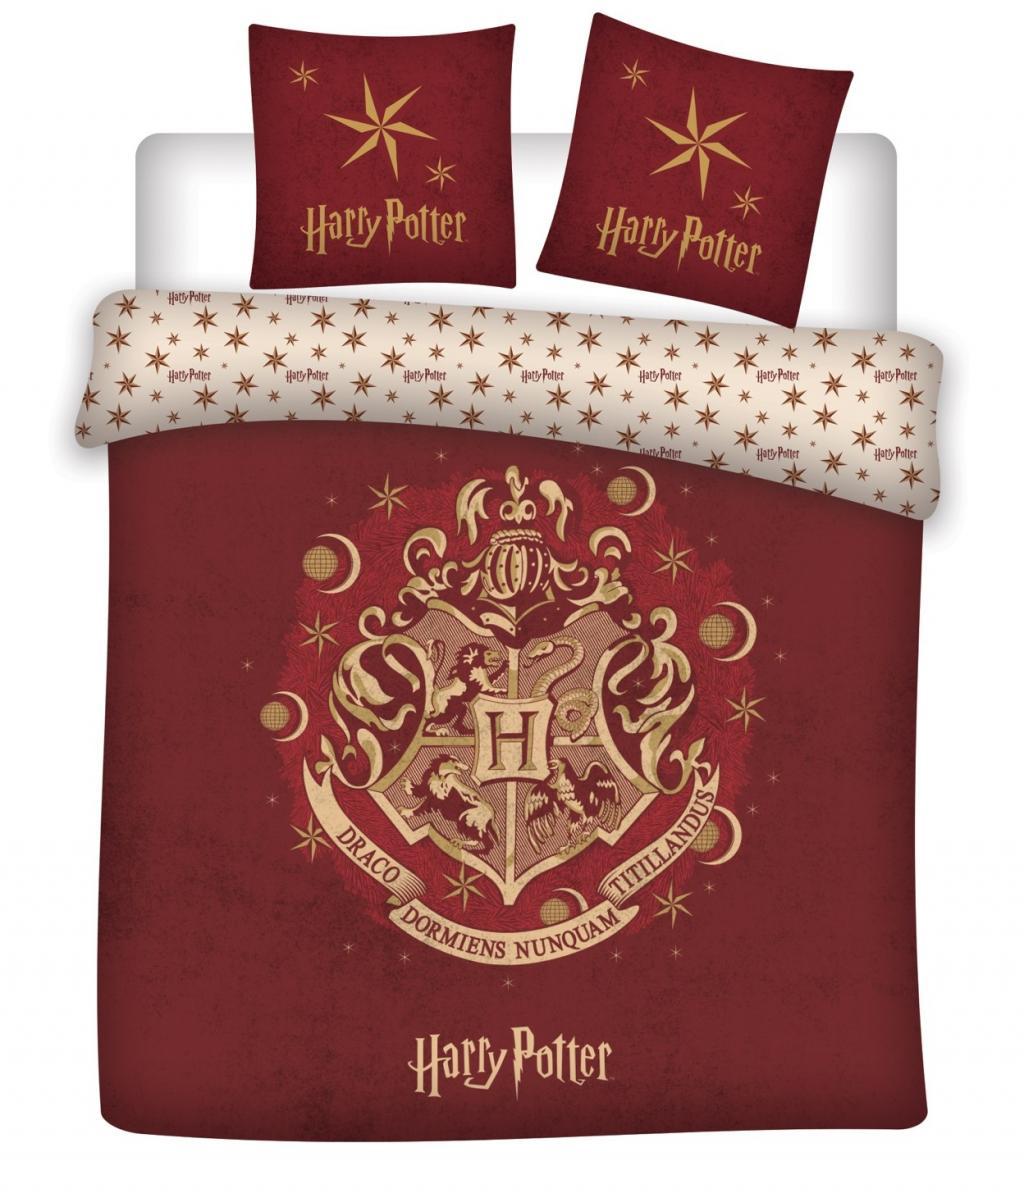 HARRY POTTER - Parure de lit 240x220cm - Hogwarts R. '100% Microfibre'_1